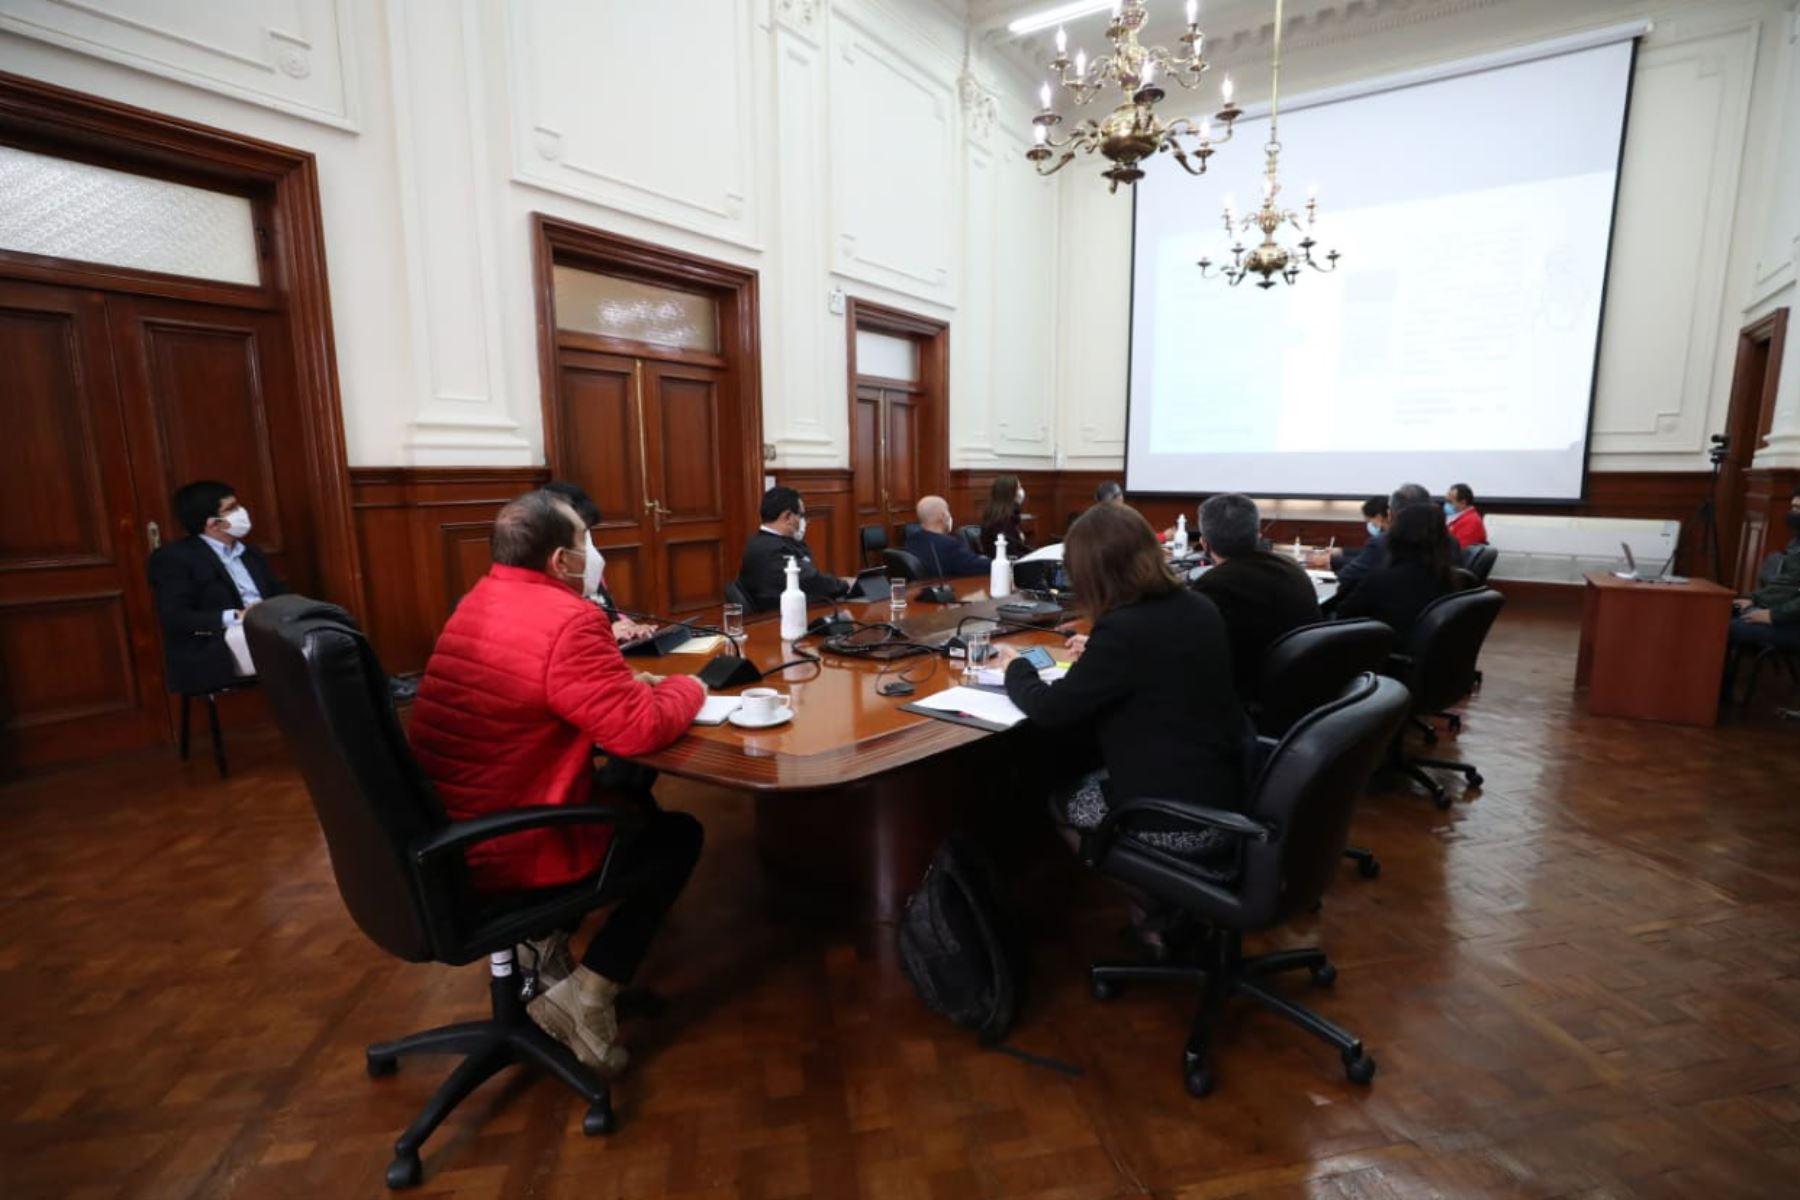 Sesión liderada por el Presidente de Consejo de Ministros, Walter Martos y sectores del ejecutivo sostienen reunión de coordinación a favor de comunidades indígenas de Loreto. Se acordó la atención inmediata de las necesidades urgentes de la población de Bretaña. Foto: PCM